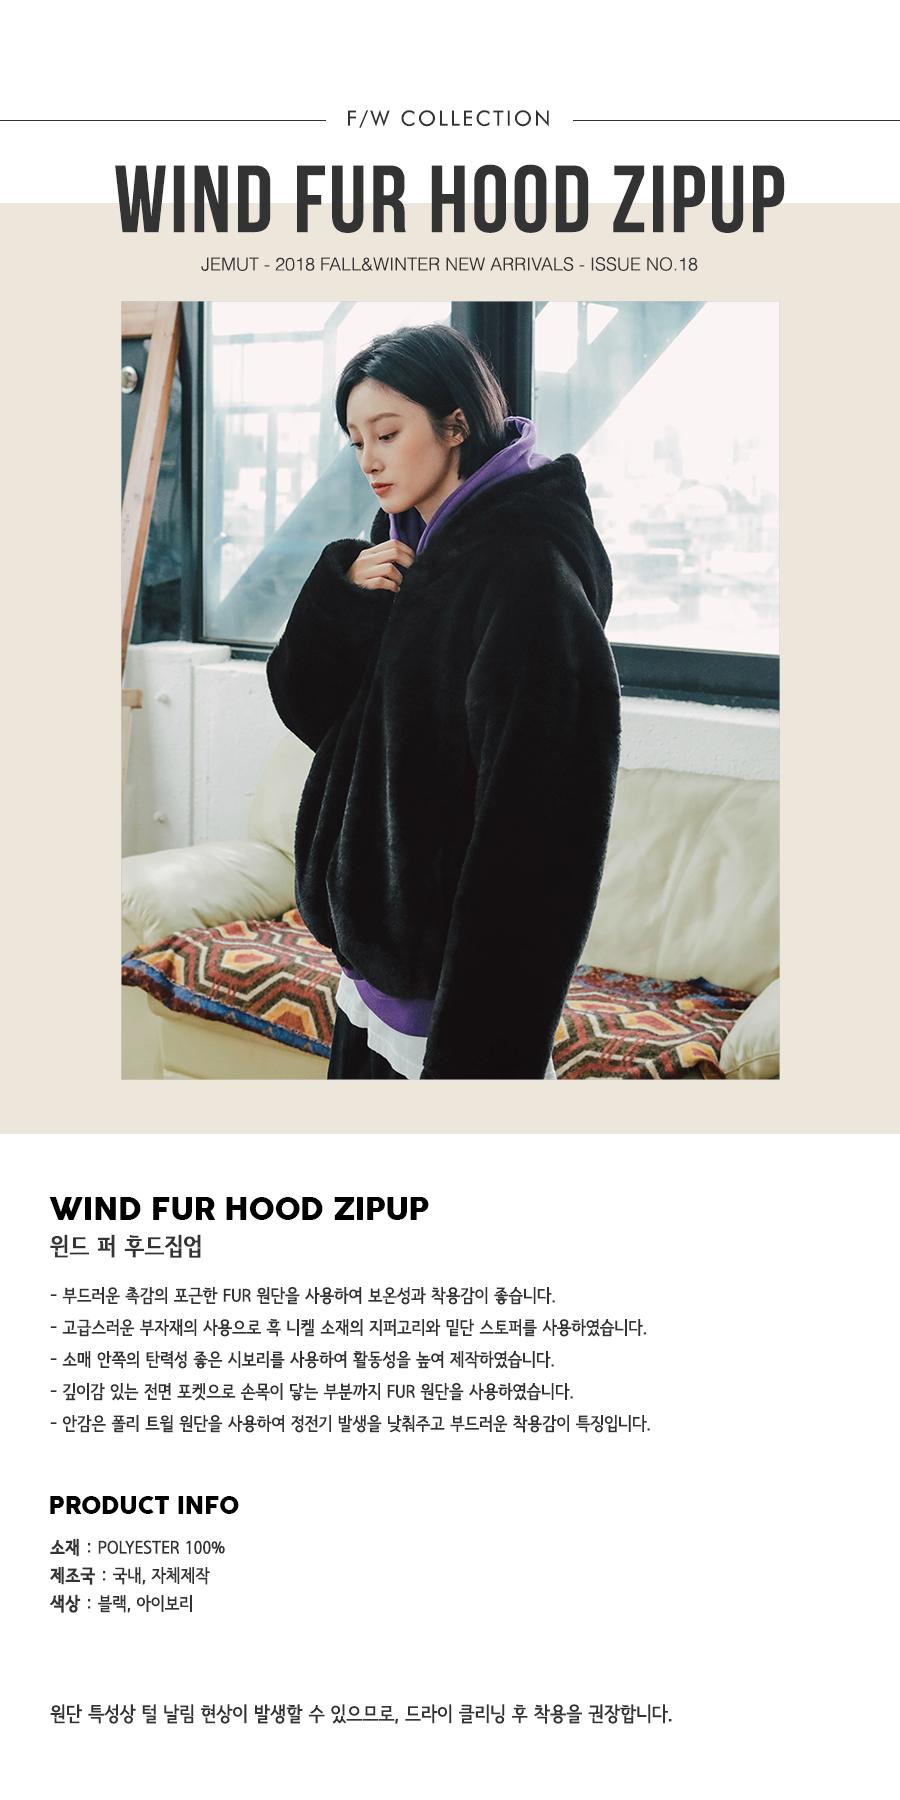 20181012_wind_fur_zipup_title_kj.jpg